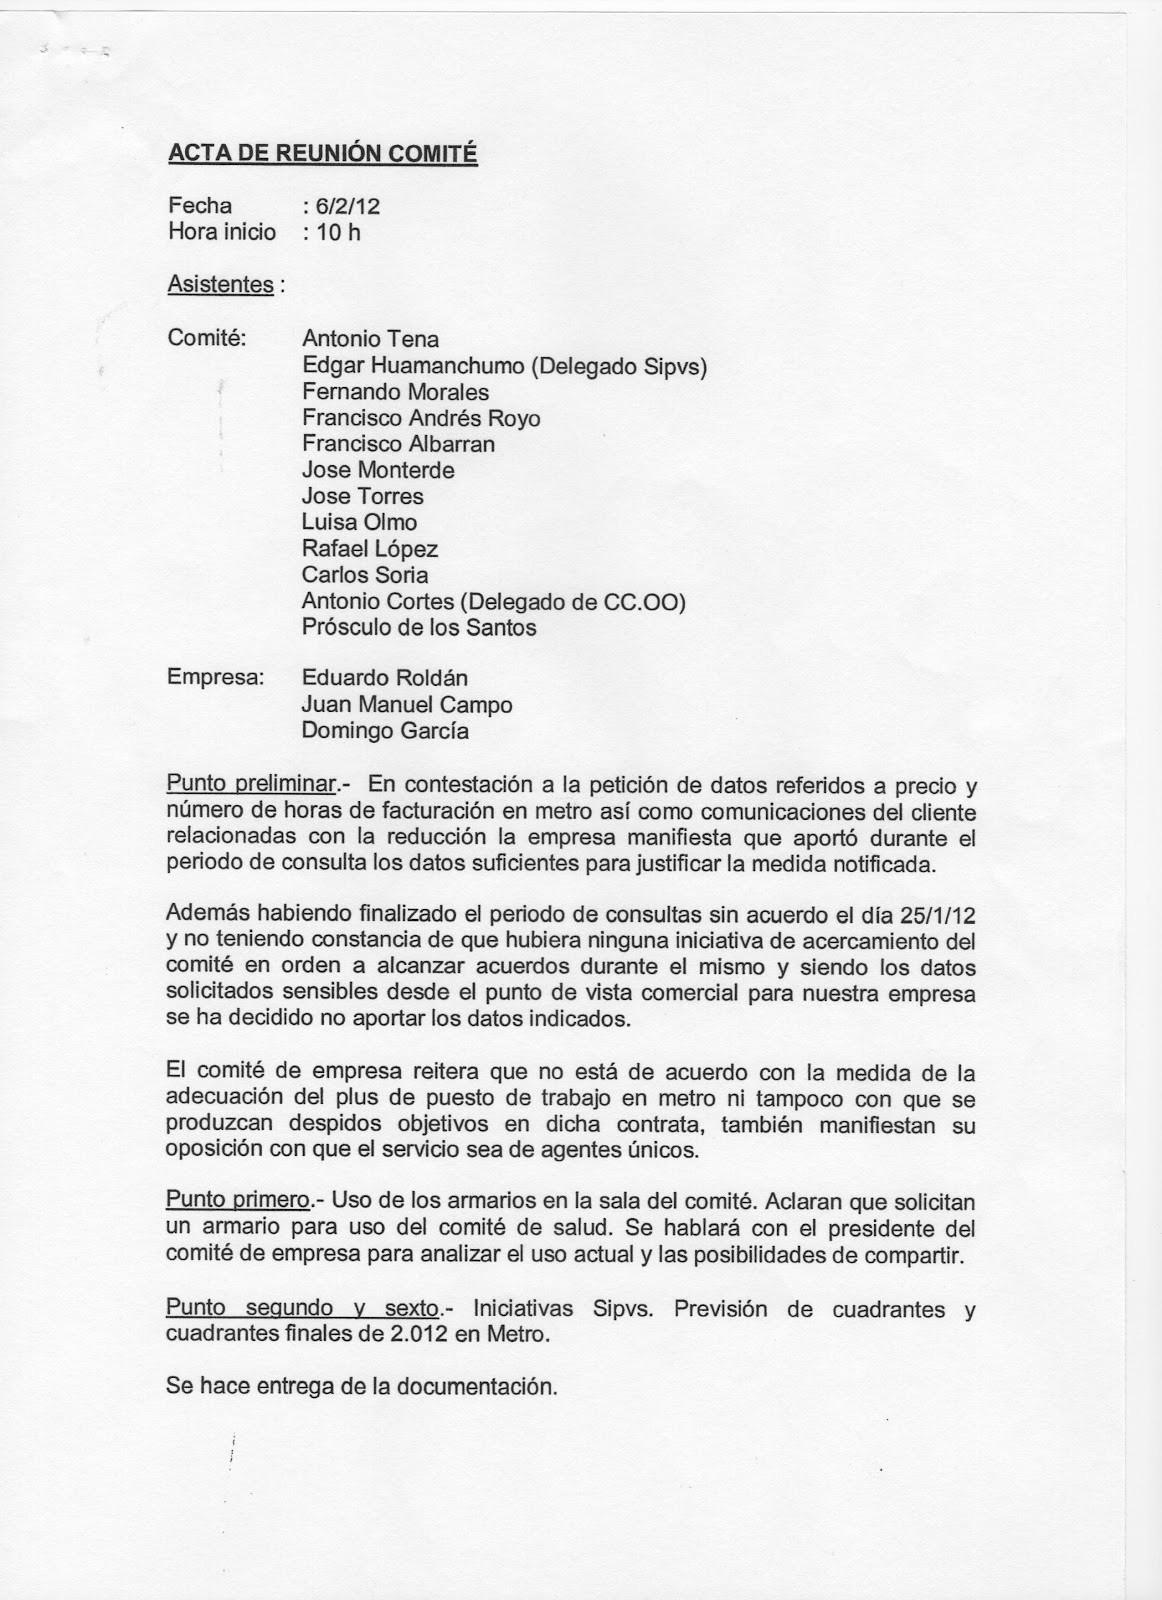 Formatos Para Actas De Reuniones Unique Usoc Eulen Sección Sindical 2012 Actas Reuniones Ite